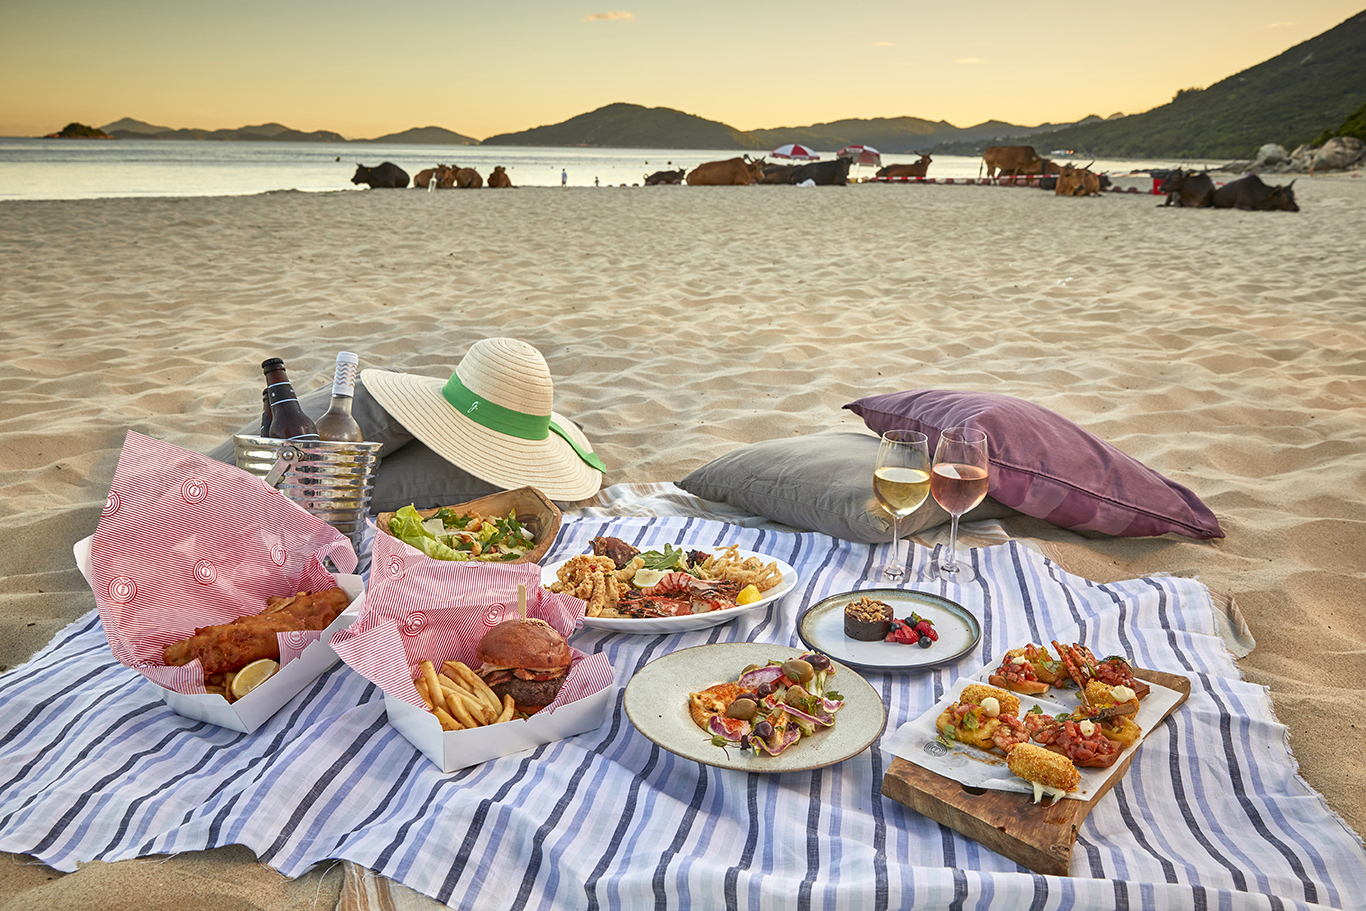 Hong Kong's best beachside bars and restaurants